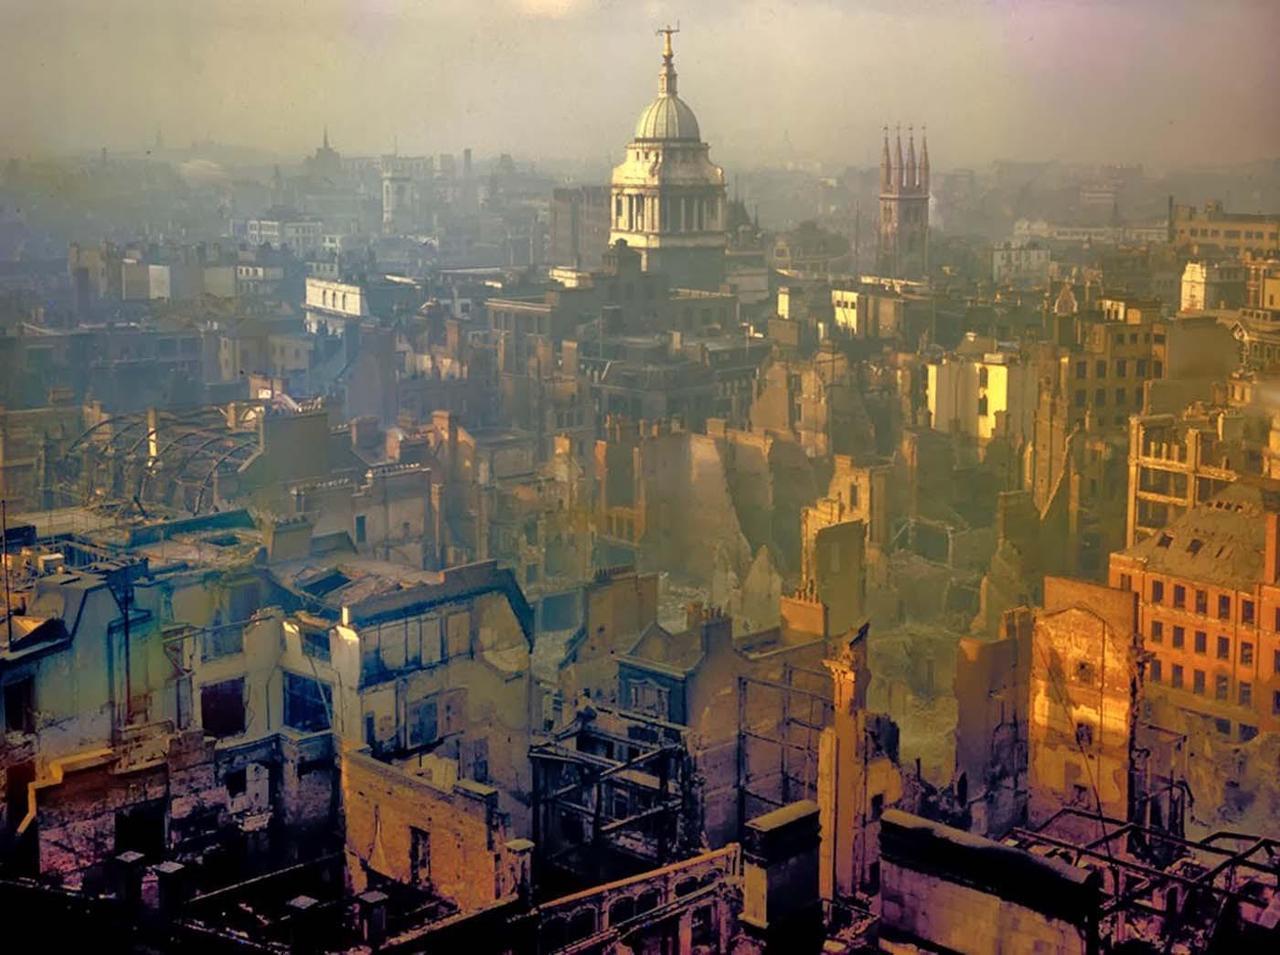 London after a German air raid, 1940